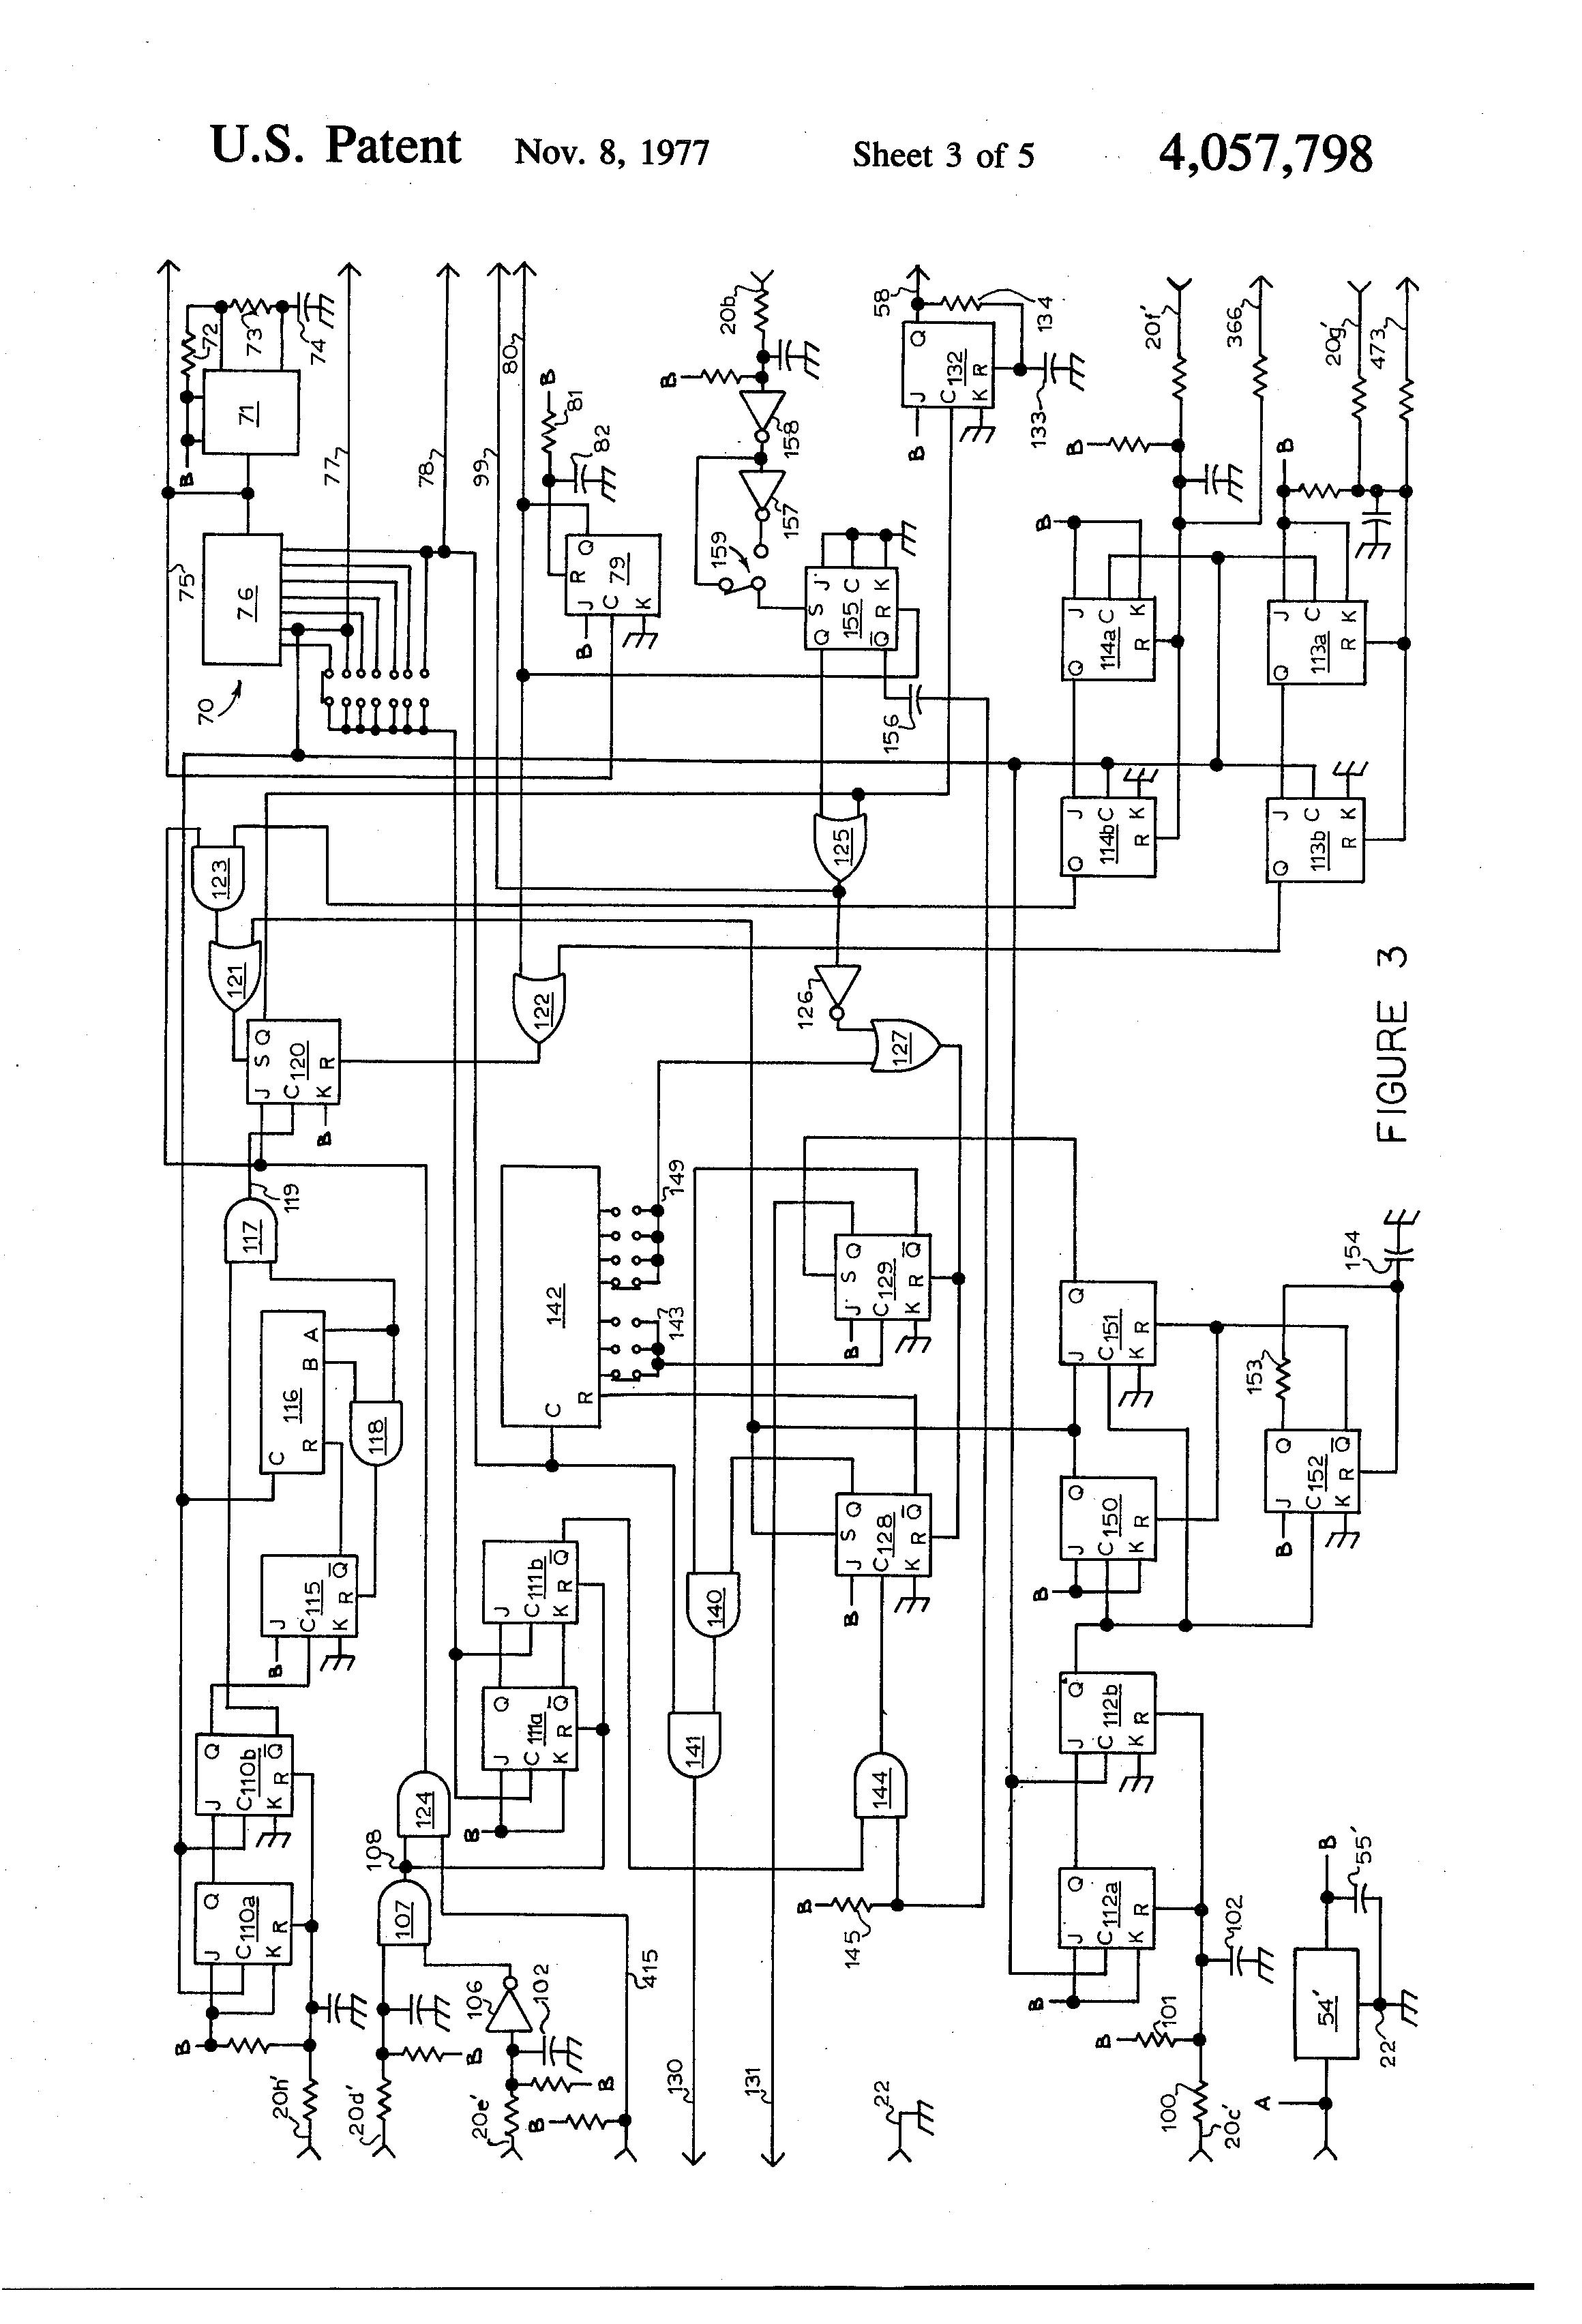 beacon morris wiring diagram wiring diagram qubee quilts rh diagram qubeequilts com Beacon Morris Logo beacon morris garage heater wiring diagram